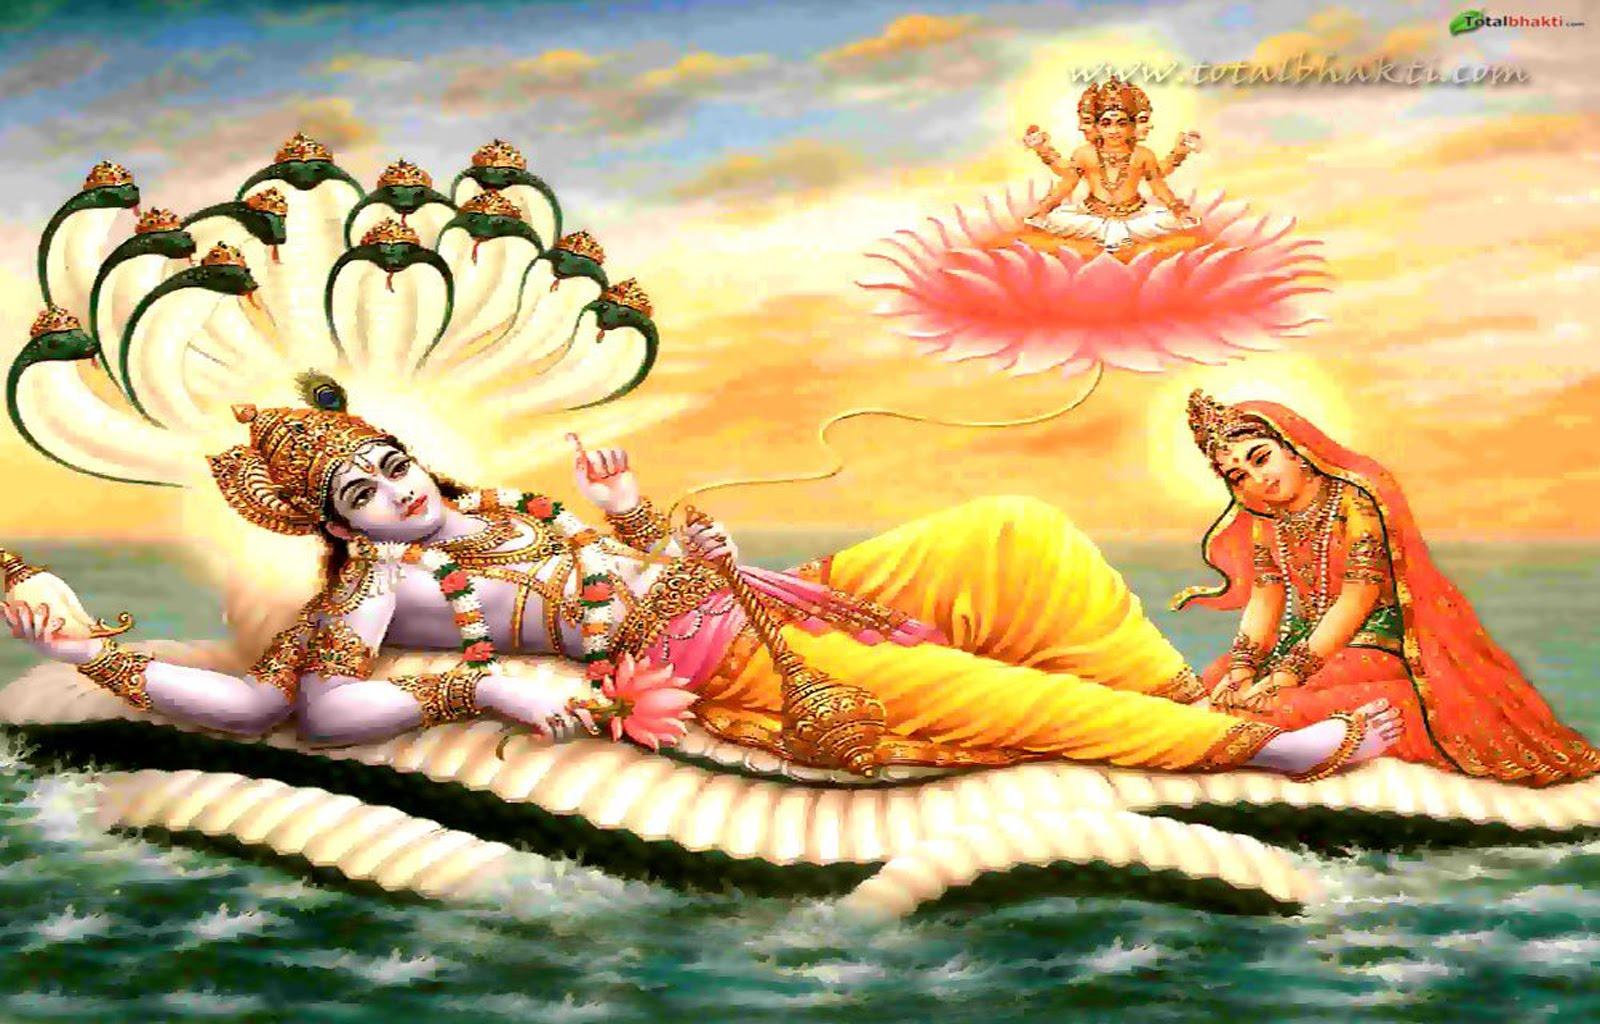 http://4.bp.blogspot.com/-7pMU4RoM_eI/T3SMjI5JEgI/AAAAAAAAE14/wd_2aHQCWxw/s1600/Lord-Vishnu-416.jpg